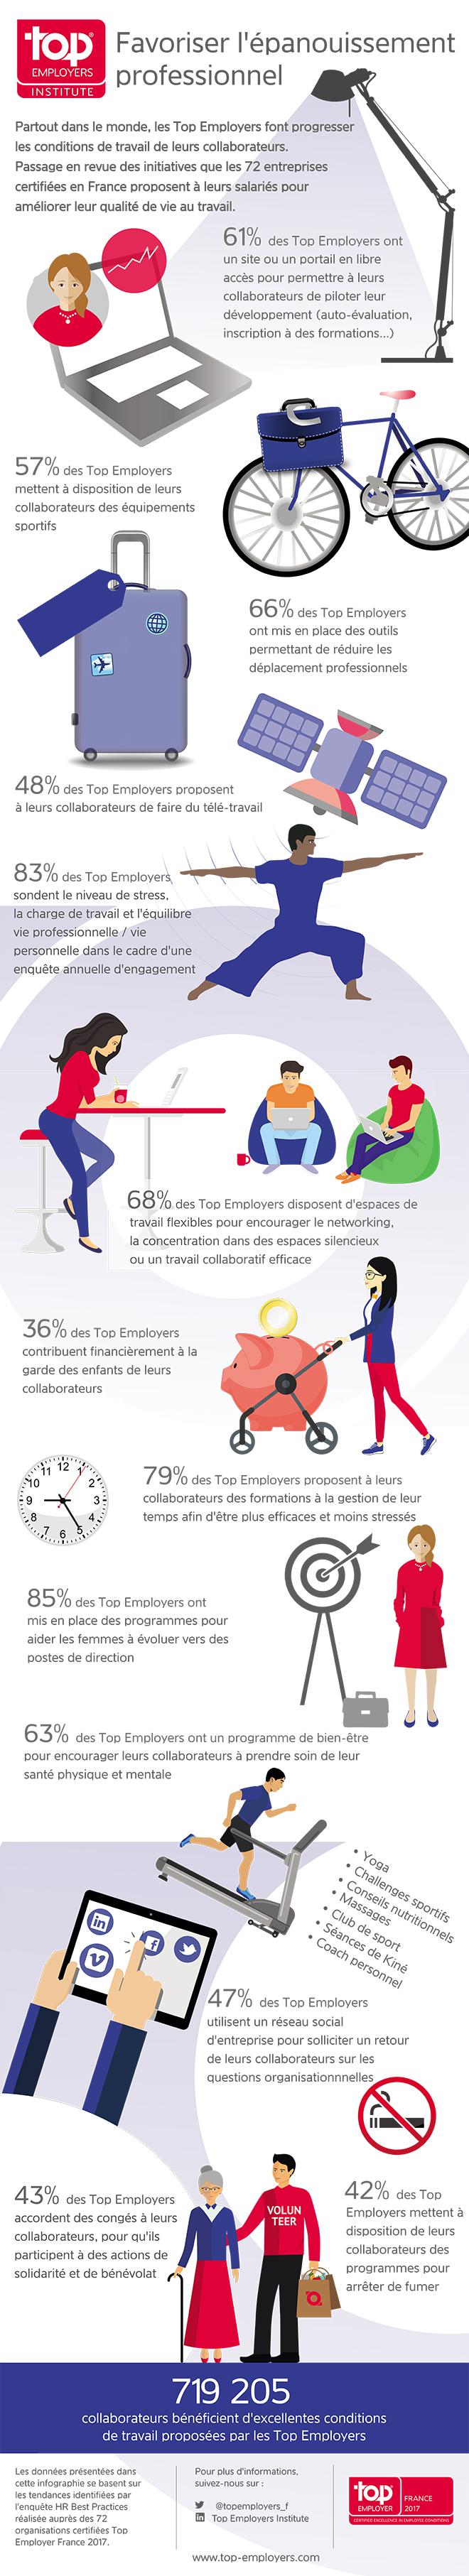 Infographie bonnes pratiques QVT des Top Employers